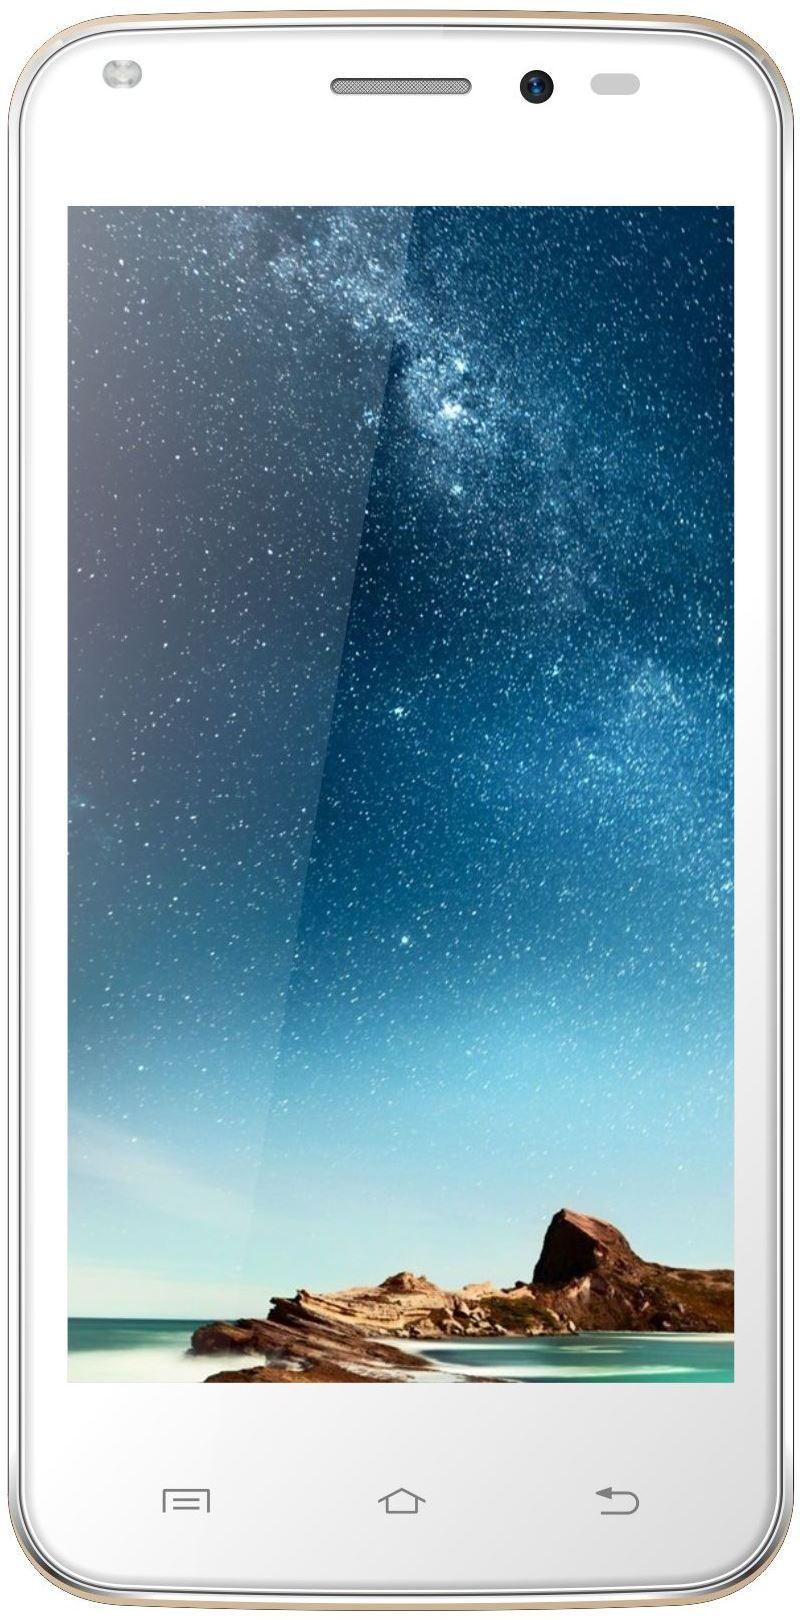 Intex Aqua Q1 Plus (512MB RAM, 8GB)